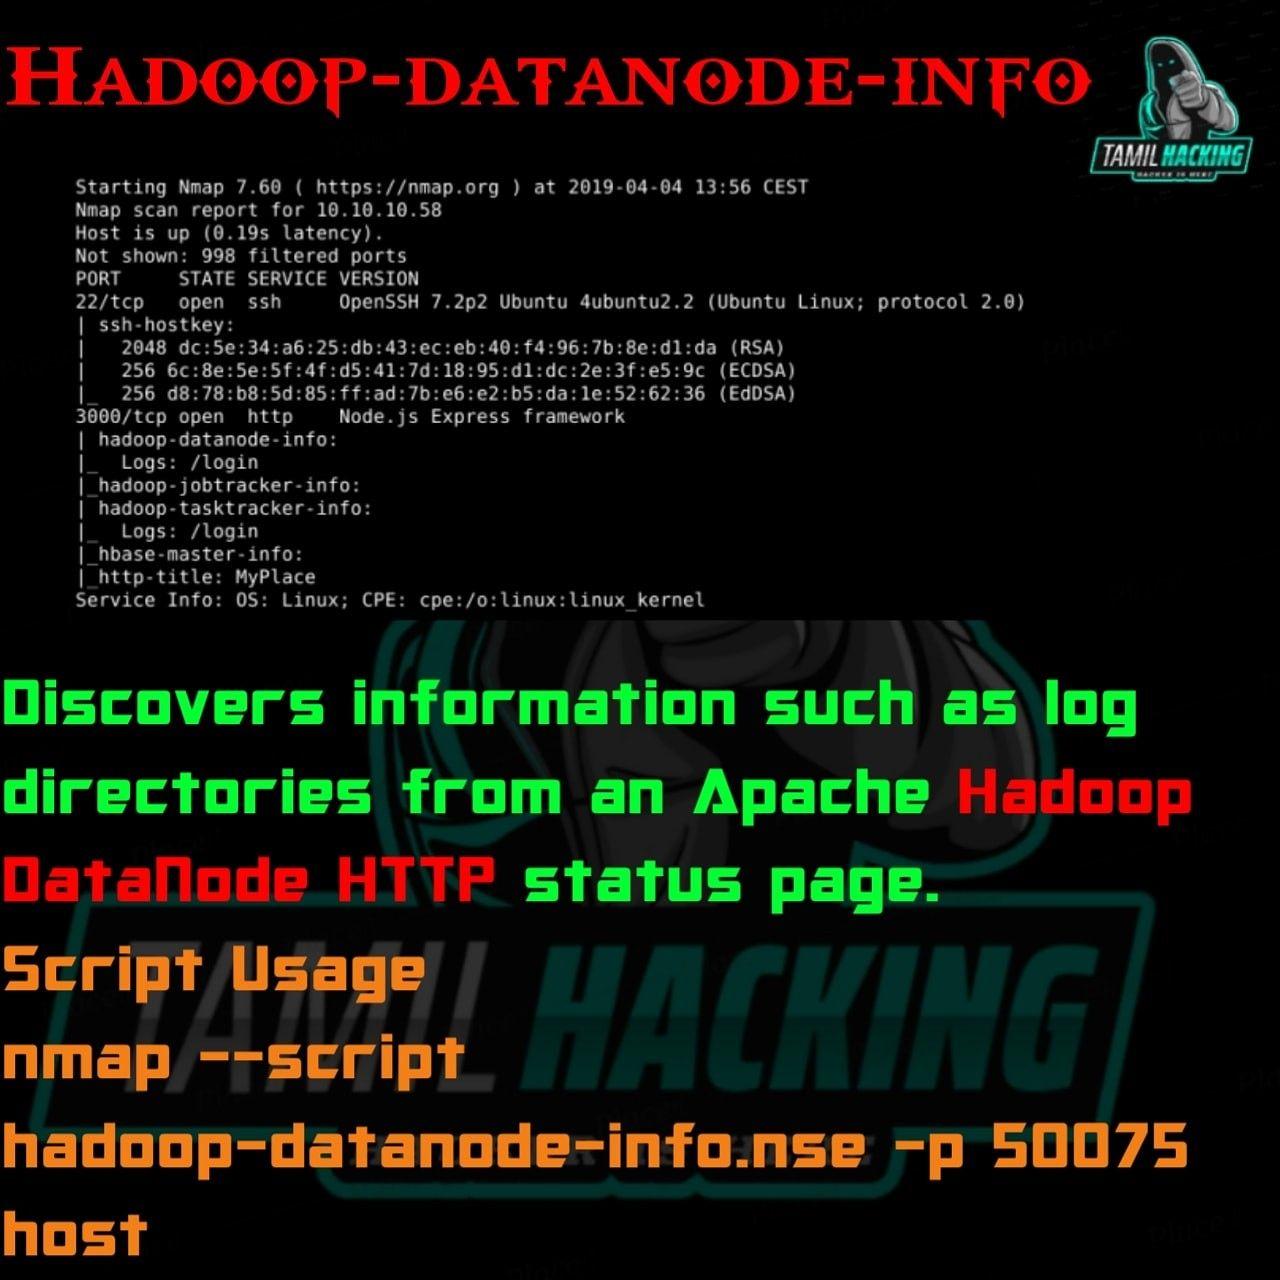 Hadoopdatanodeinfo root apps linux hackathon